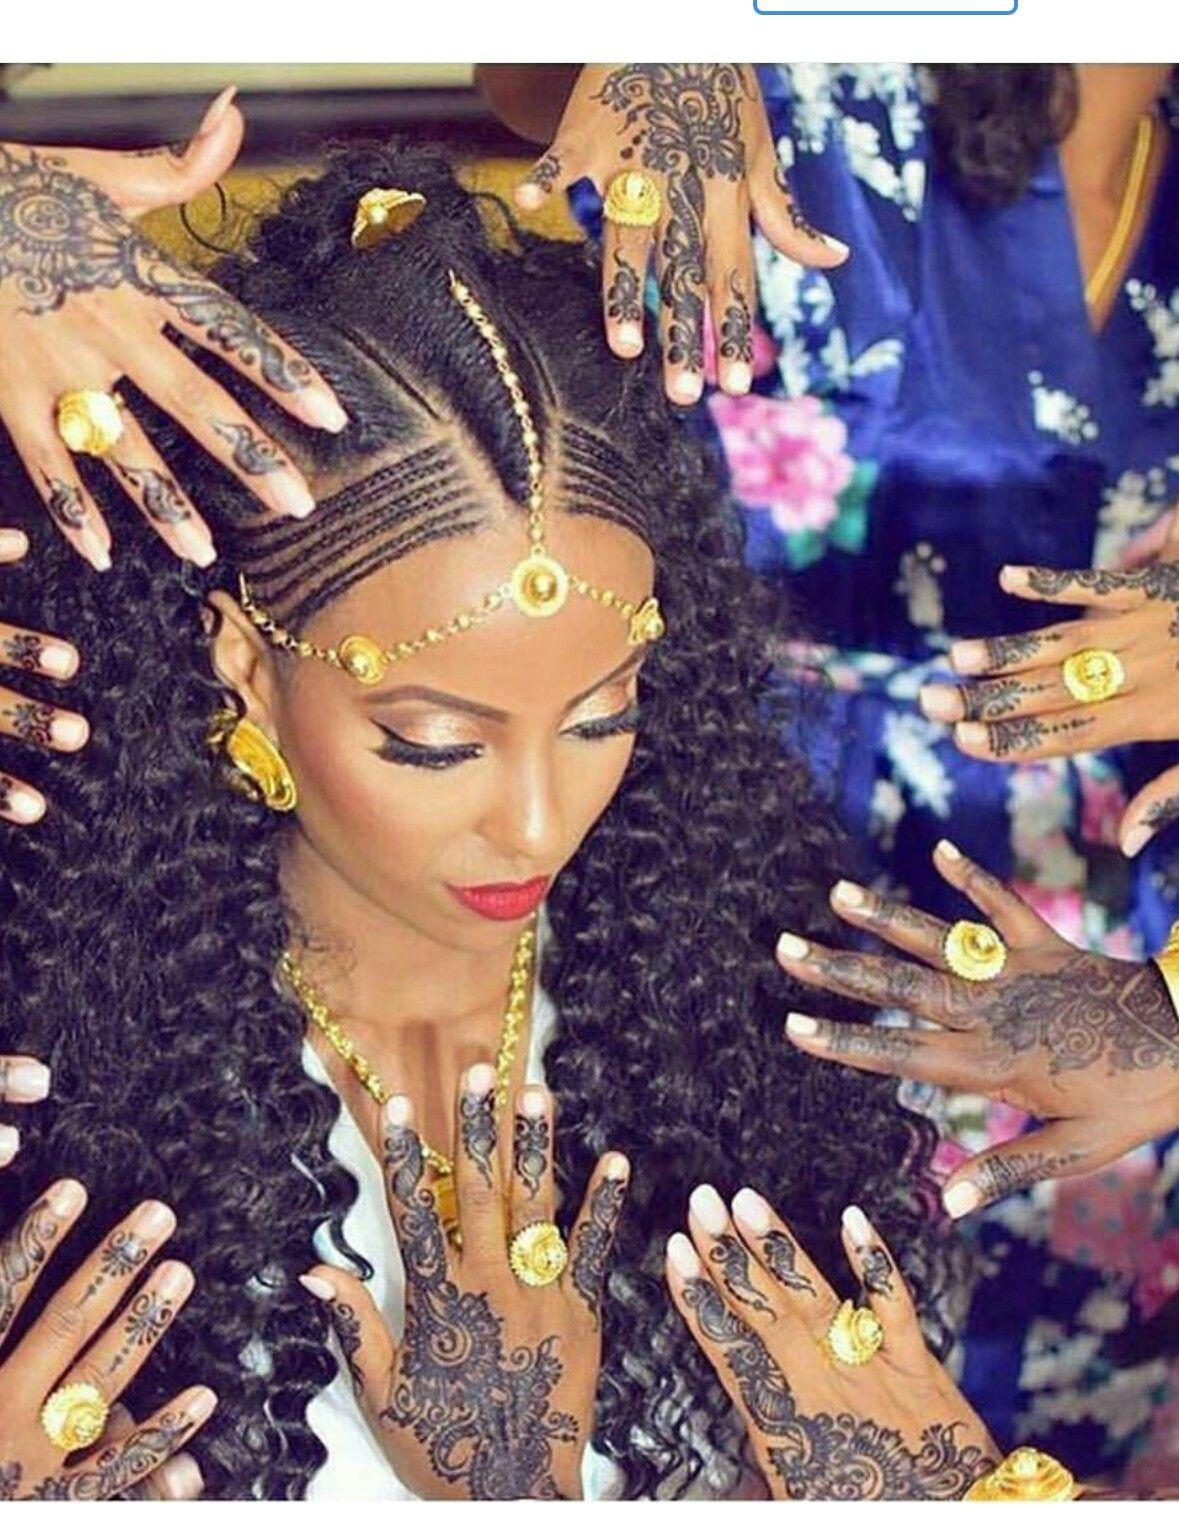 bridesmaid faqs | hair stuff | braided hairstyles, natural